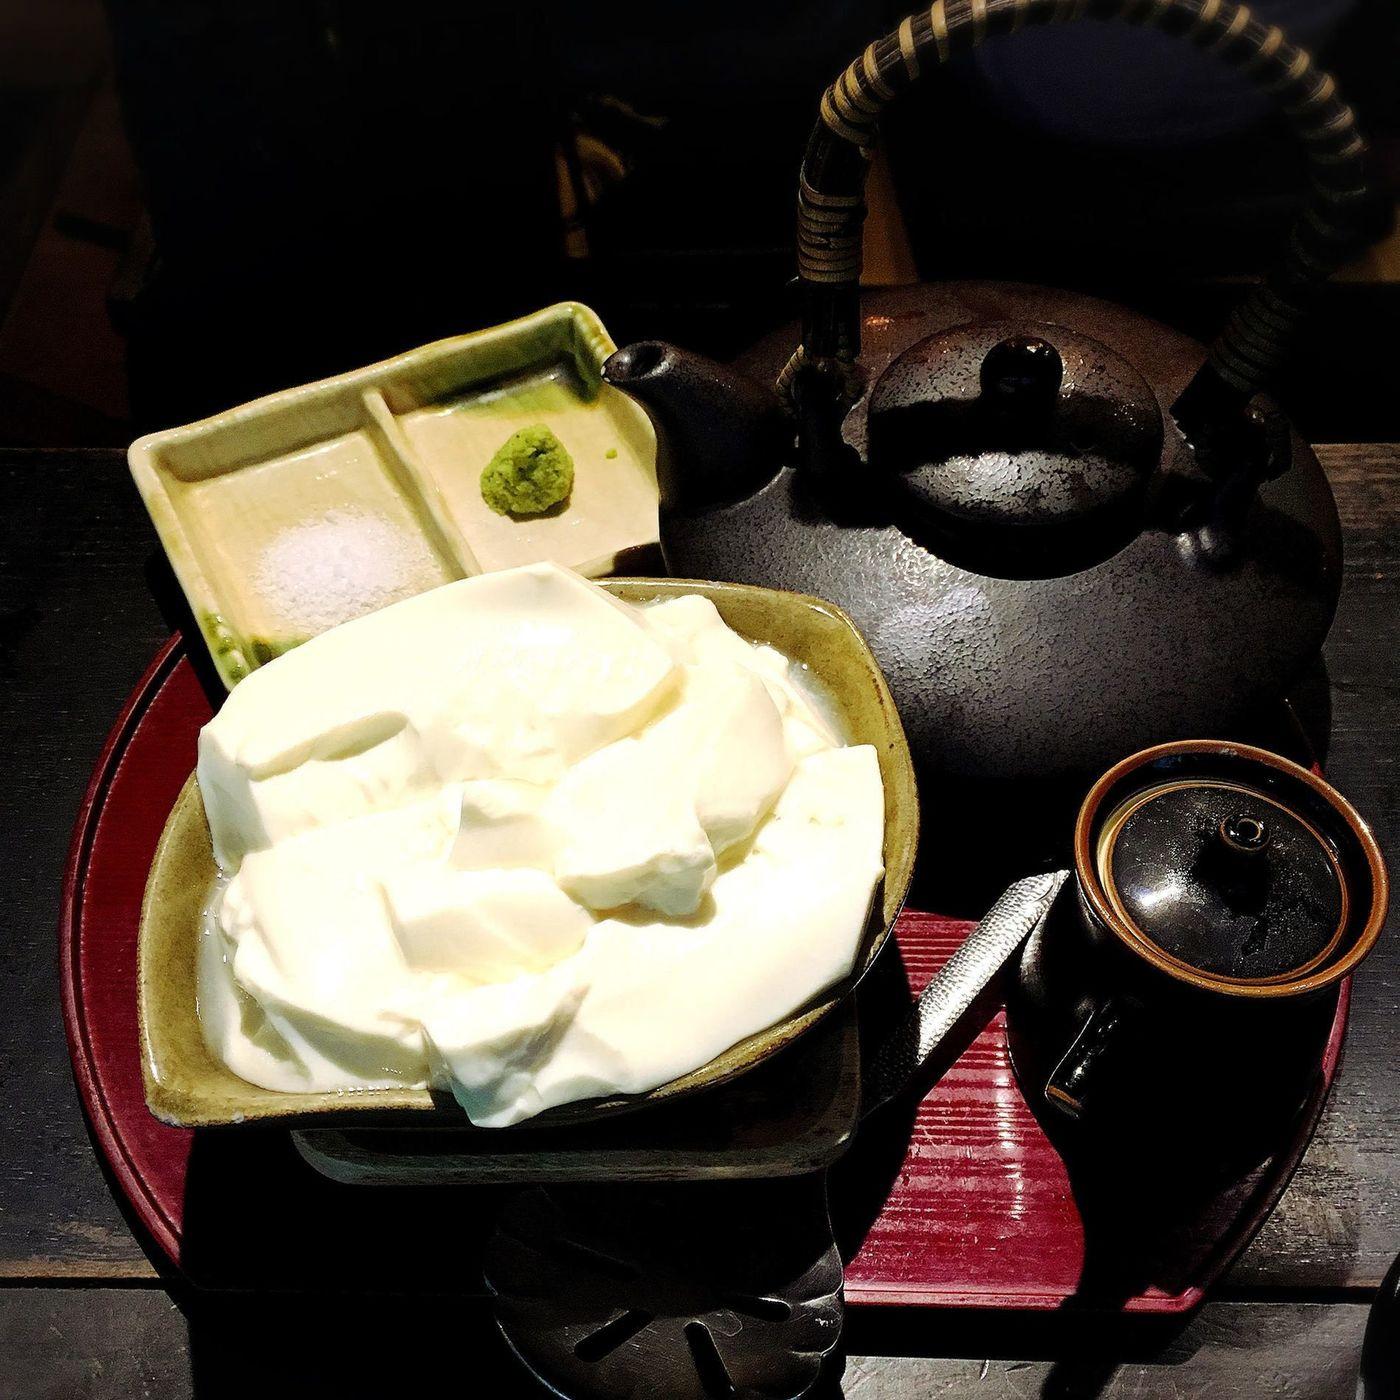 【渋谷】豆腐料理を食べたい!そんな時におすすめの人気店6選!の画像